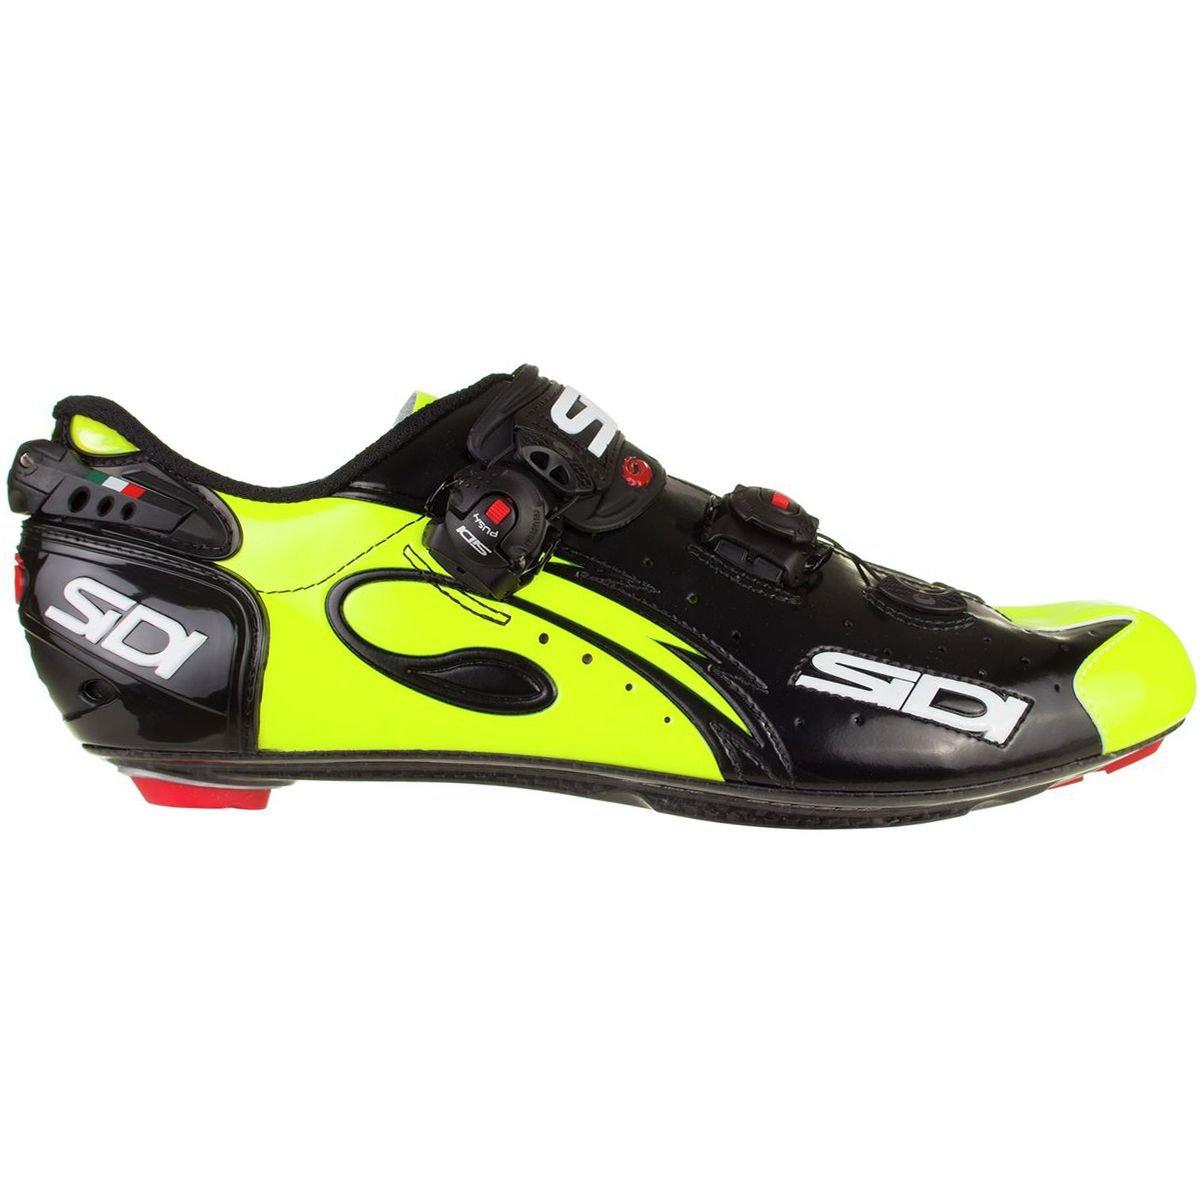 (シディ) Sidi Wire Push Cycling Shoe メンズ ロードバイクシューズBlack/Flo Yellow [並行輸入品] B07G75F8F5 日本サイズ 28.5cm (44.5)|Black/Flo Yellow Black/Flo Yellow 日本サイズ 28.5cm (44.5)